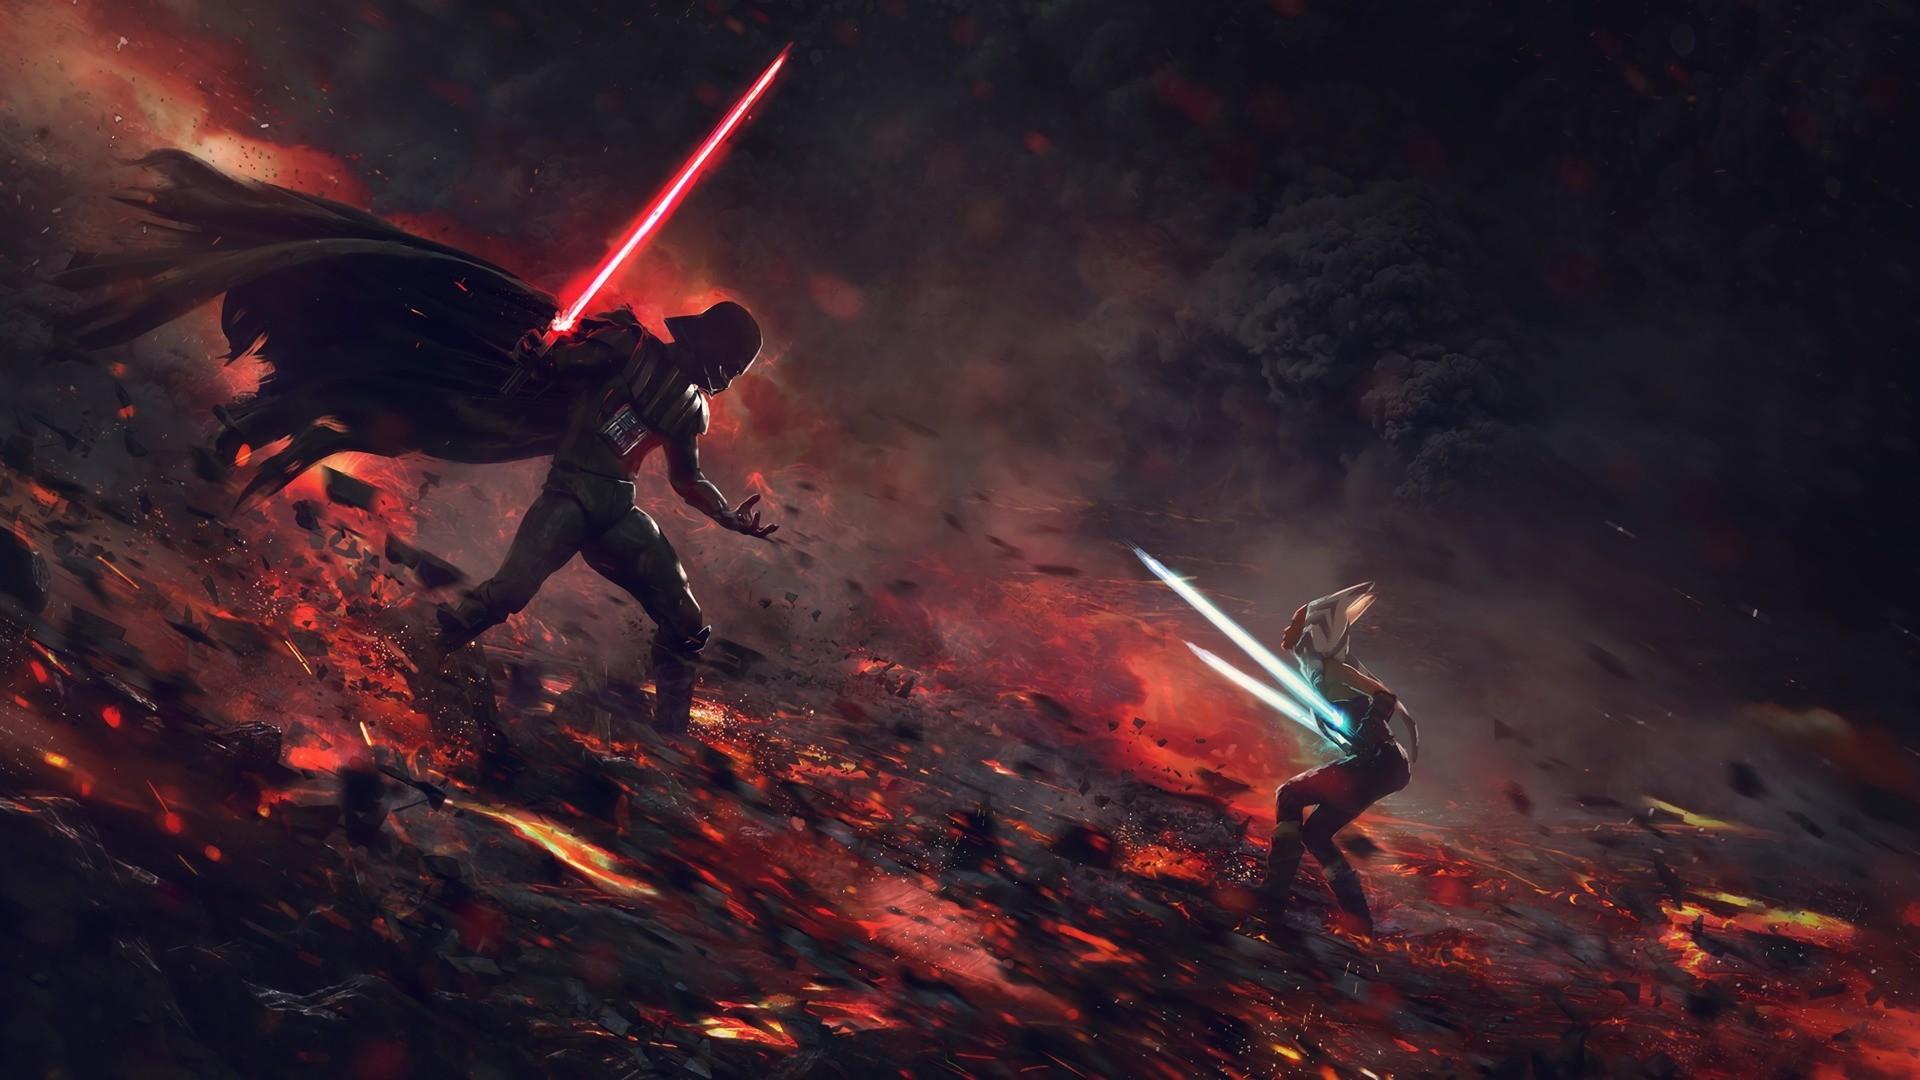 artwork, Star Wars, Darth Vader, movies wallpaper thumb